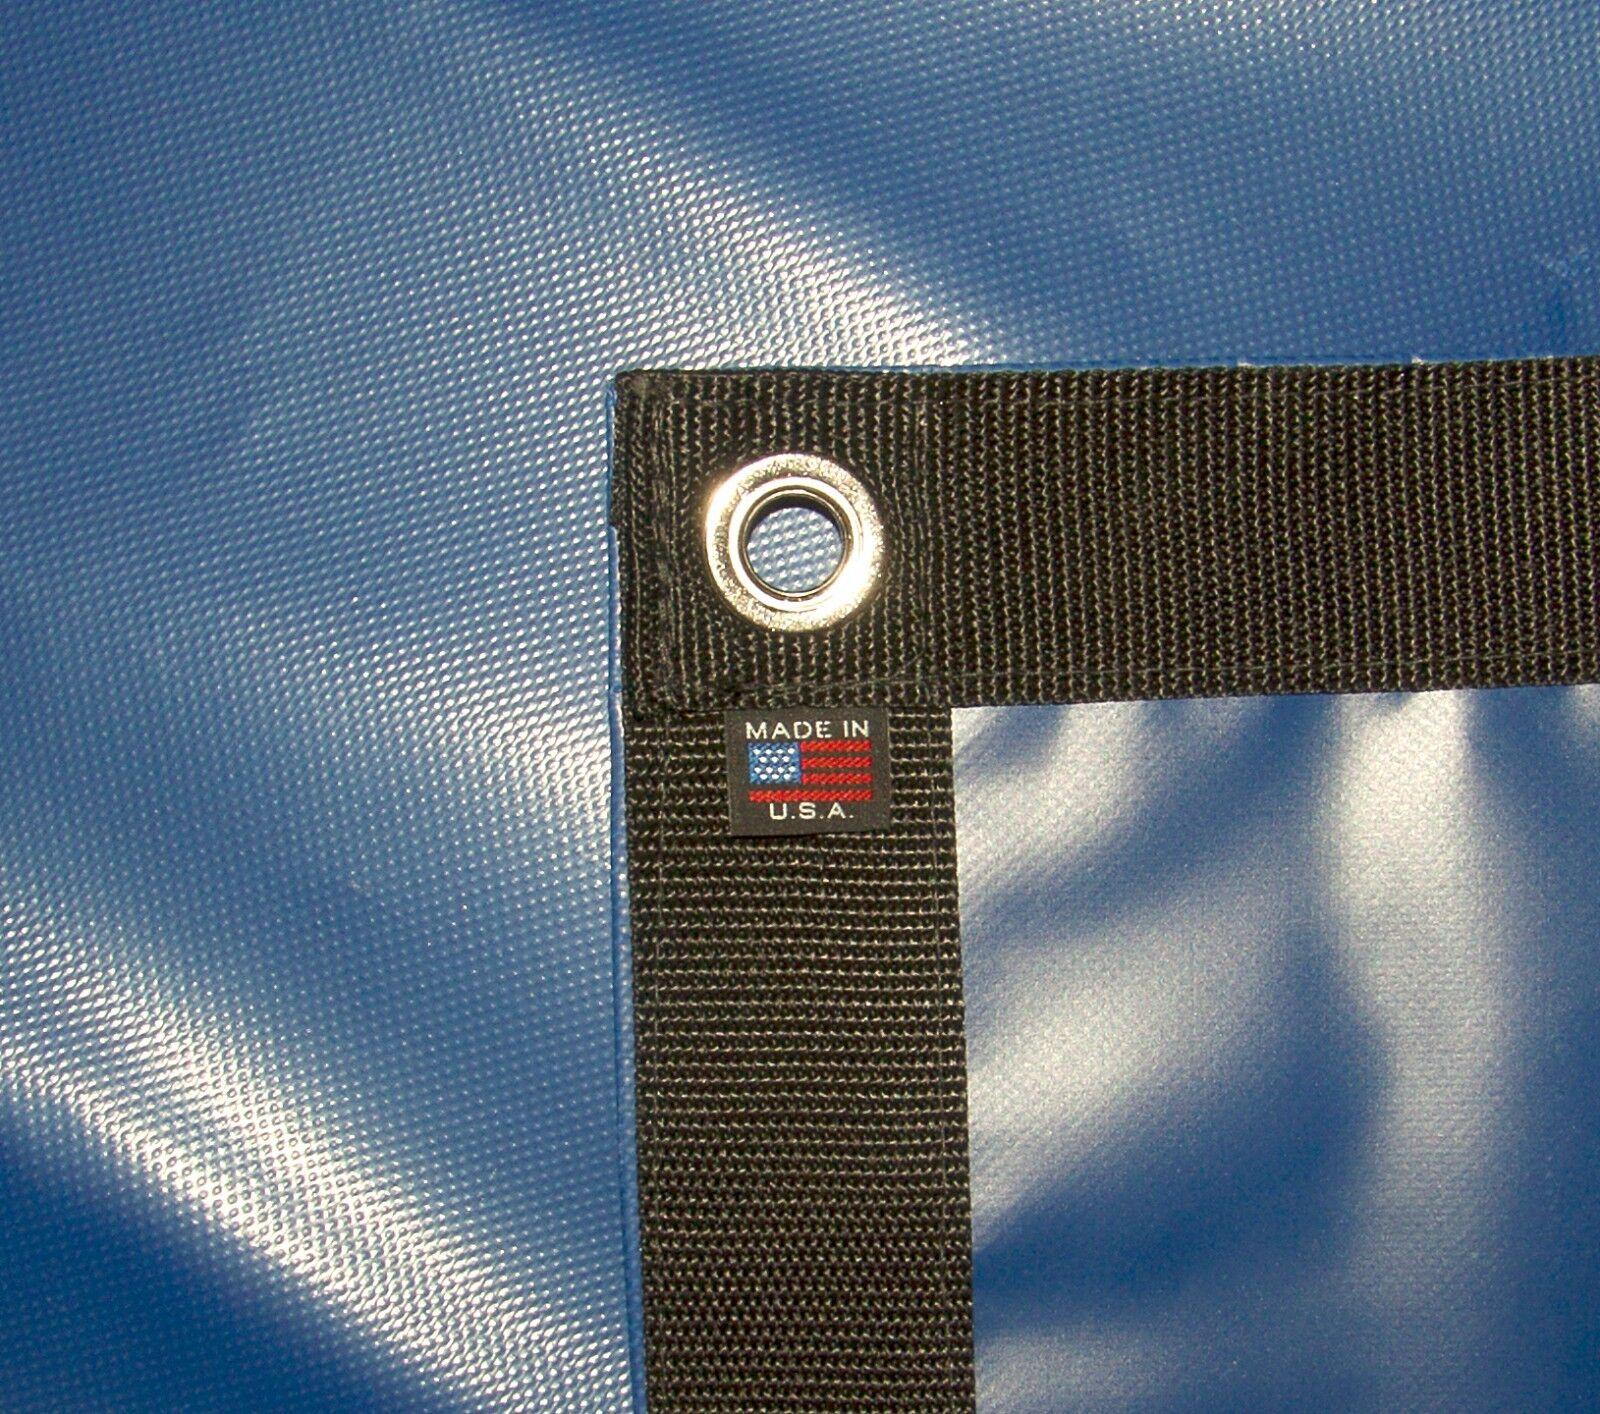 Tarp, Heavy Duty, bluee, Waterproof, 18 Oz. Vinyl  w  Reinforced Edges  wholesale store